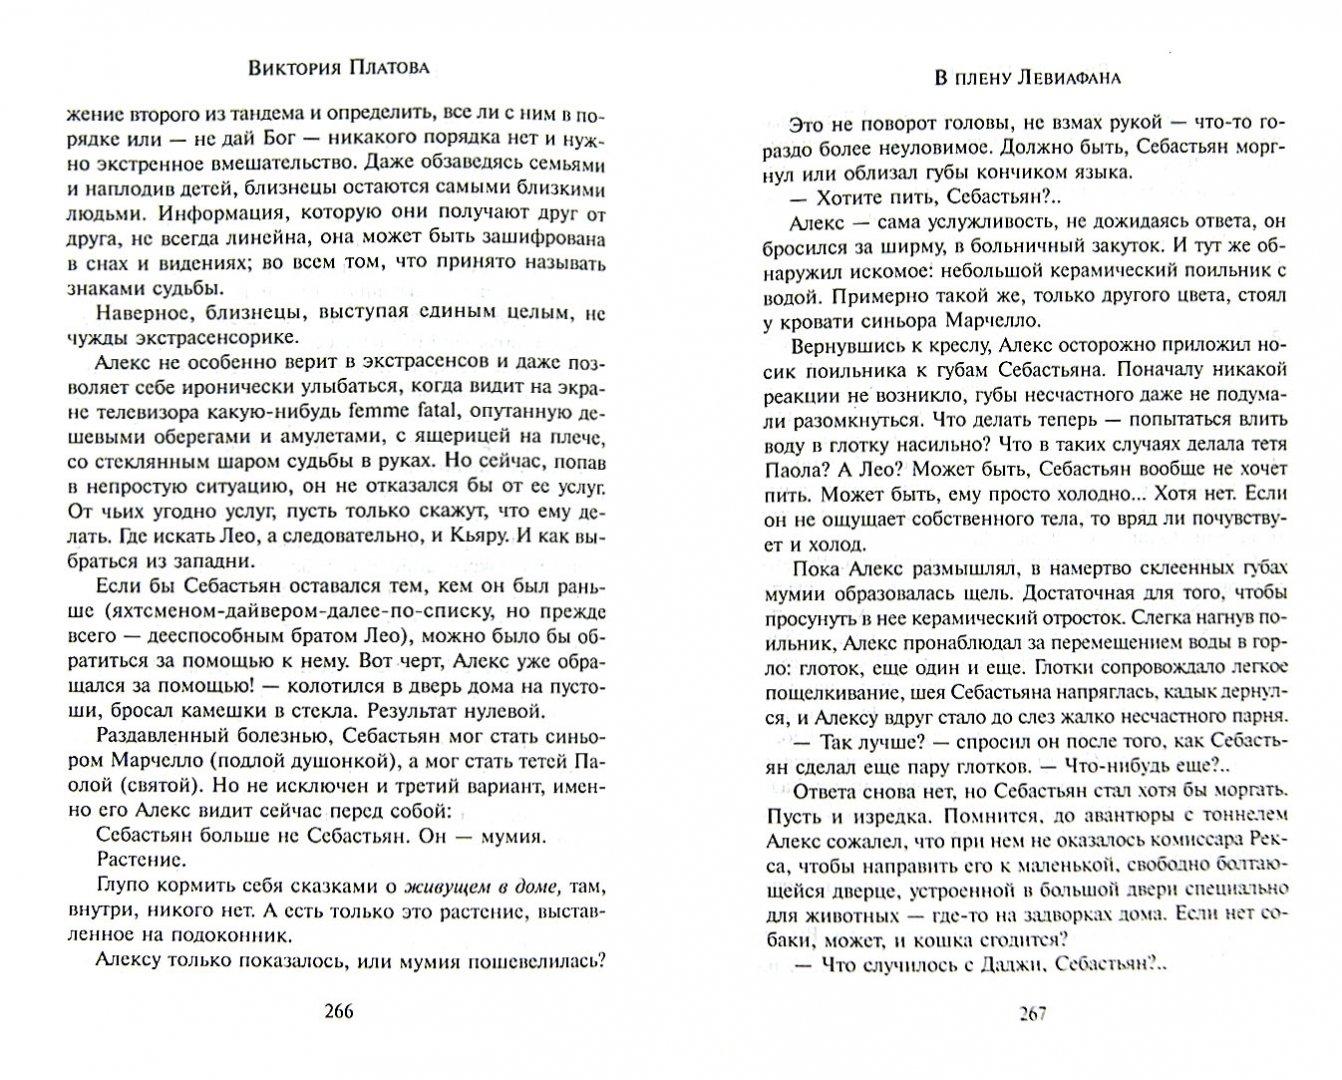 Иллюстрация 1 из 7 для В плену Левиафана - Виктория Платова | Лабиринт - книги. Источник: Лабиринт